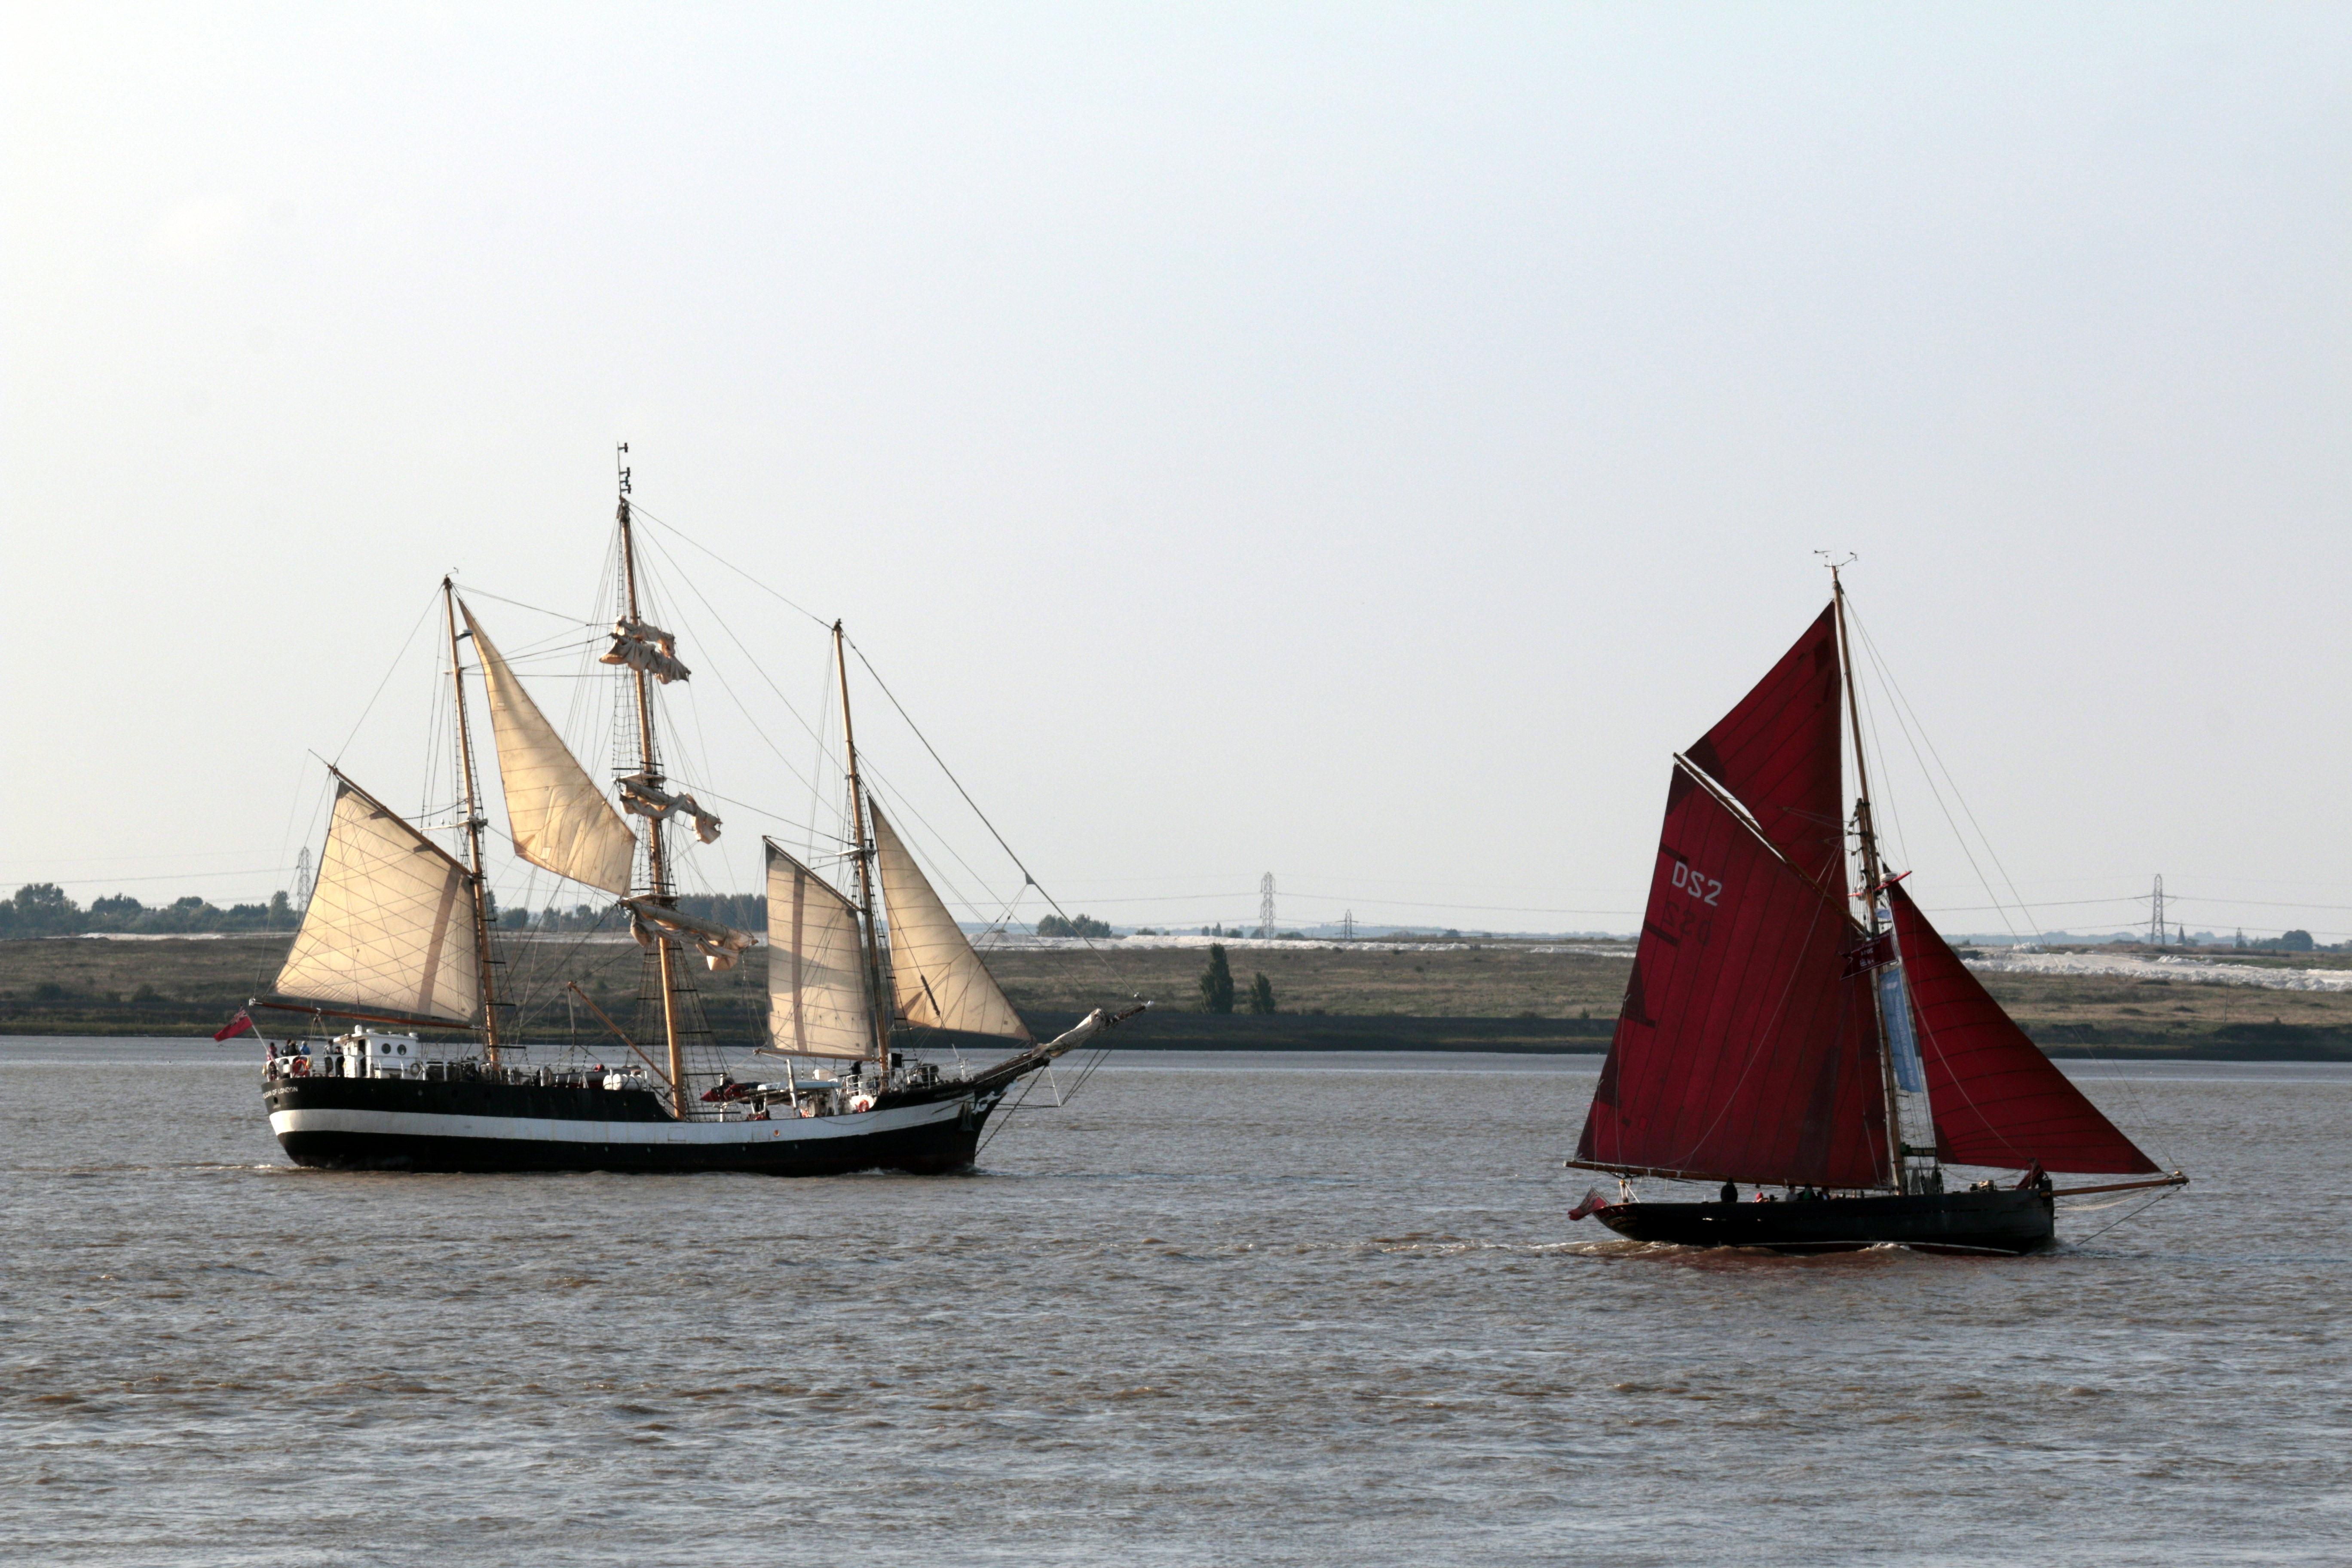 Images gratuites mer eau oc an cru vent vieux - Photo de voilier gratuite ...